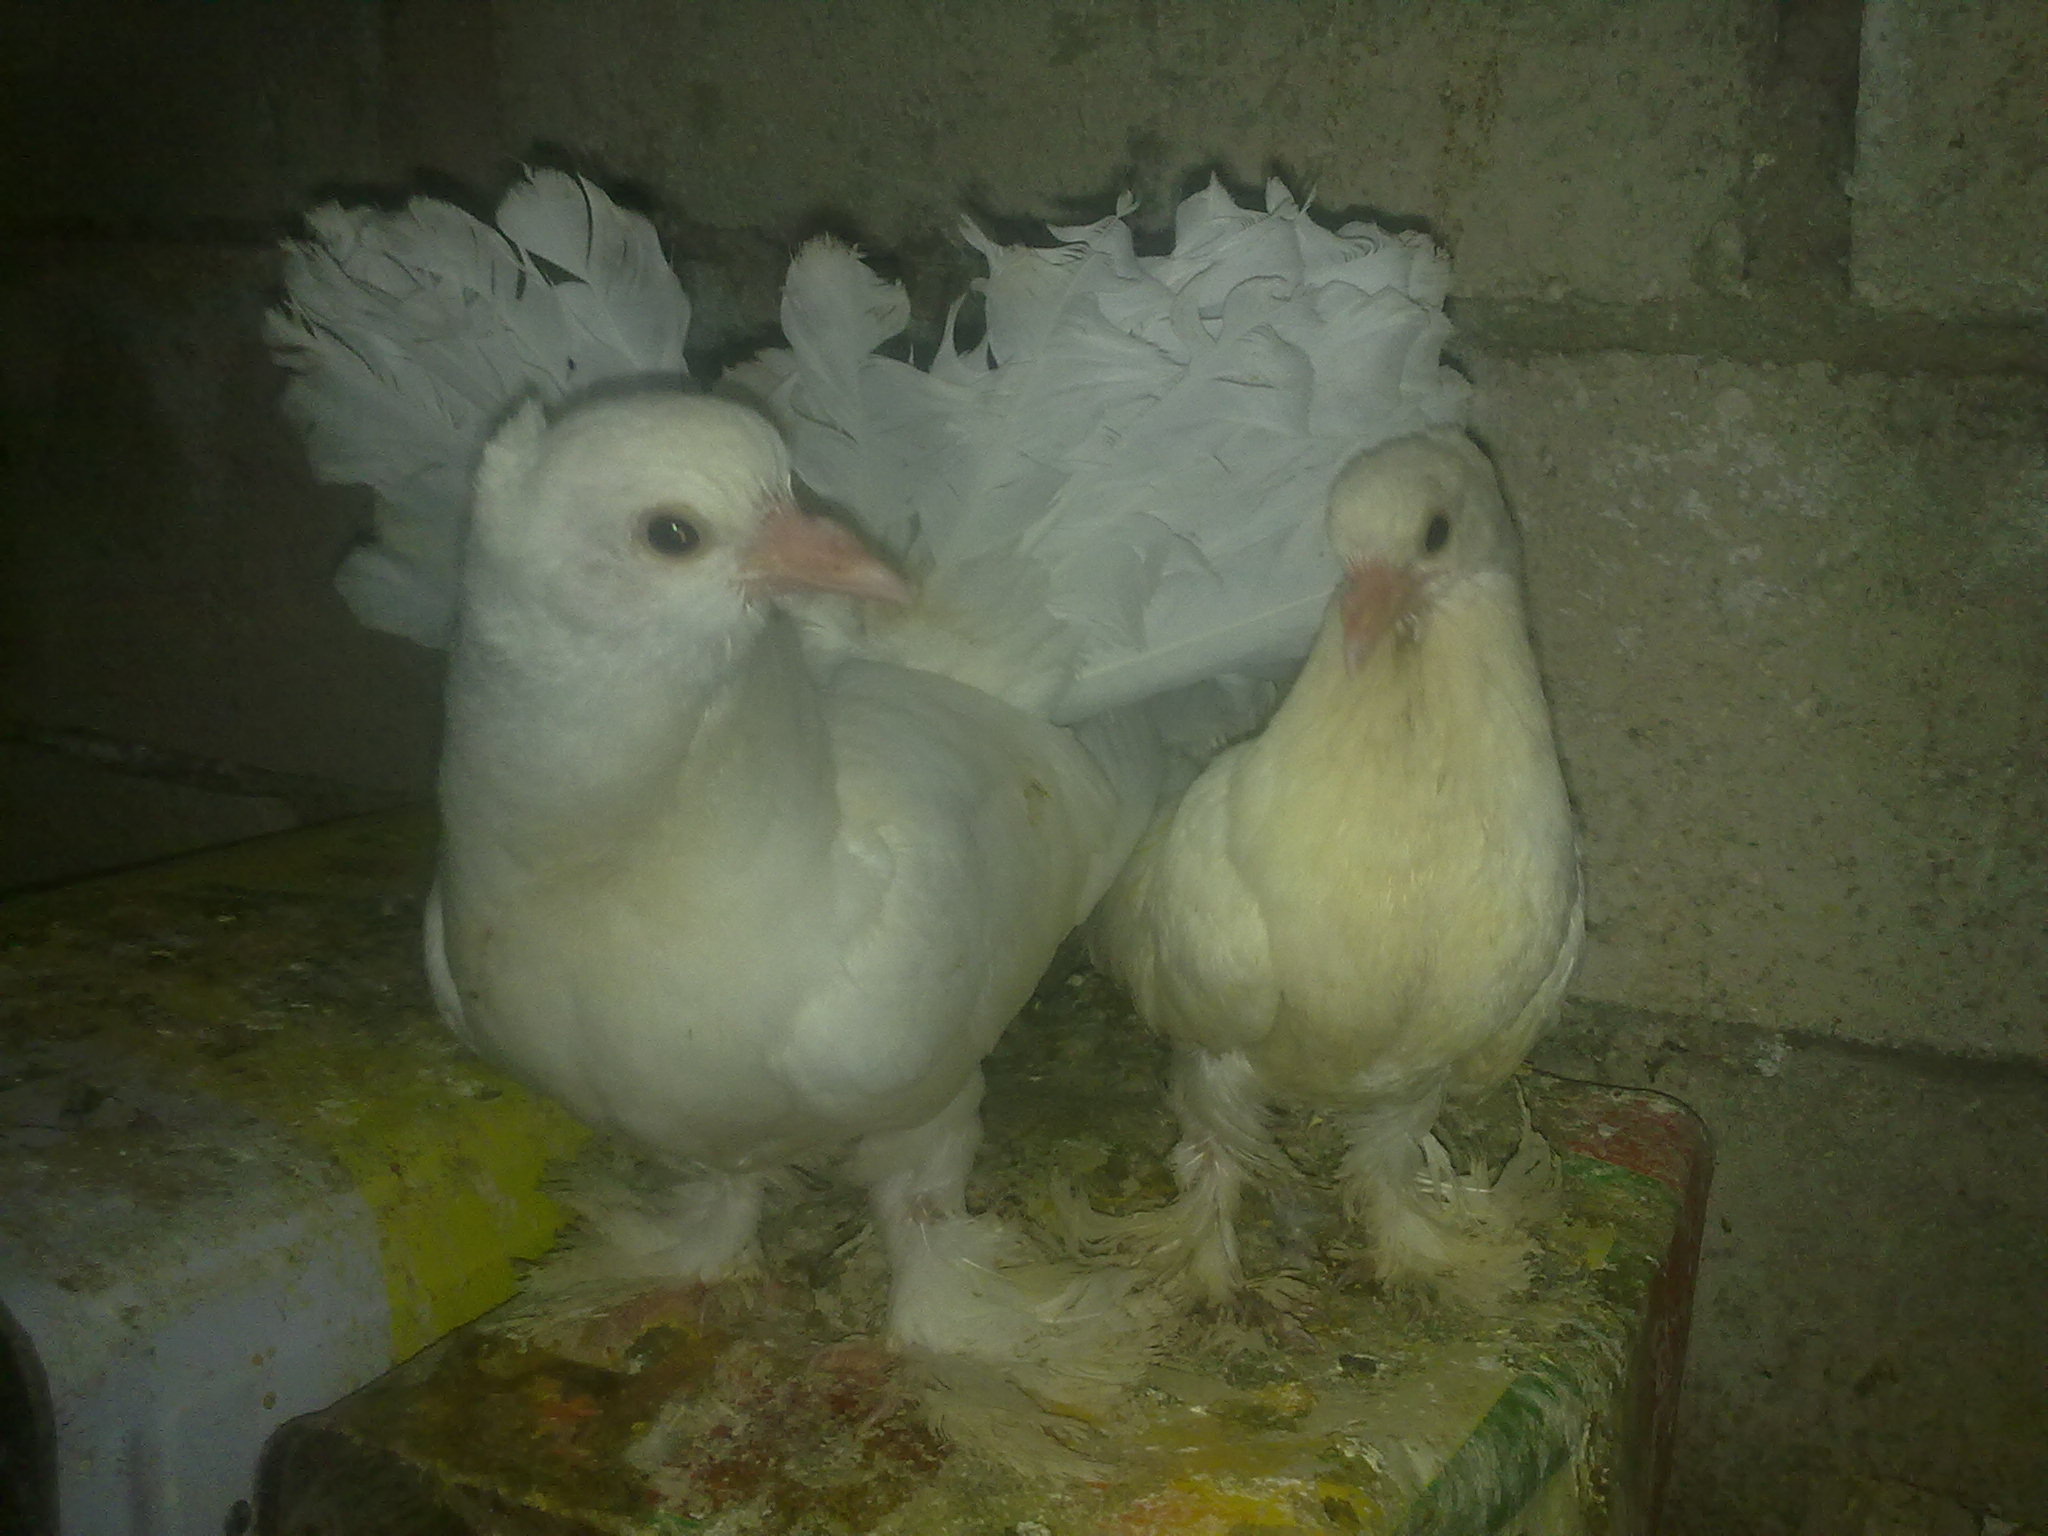 بالصور حمام هزاز , اكثر انواع الحمام جمالا غير كل الطيور الاخرى 3268 4